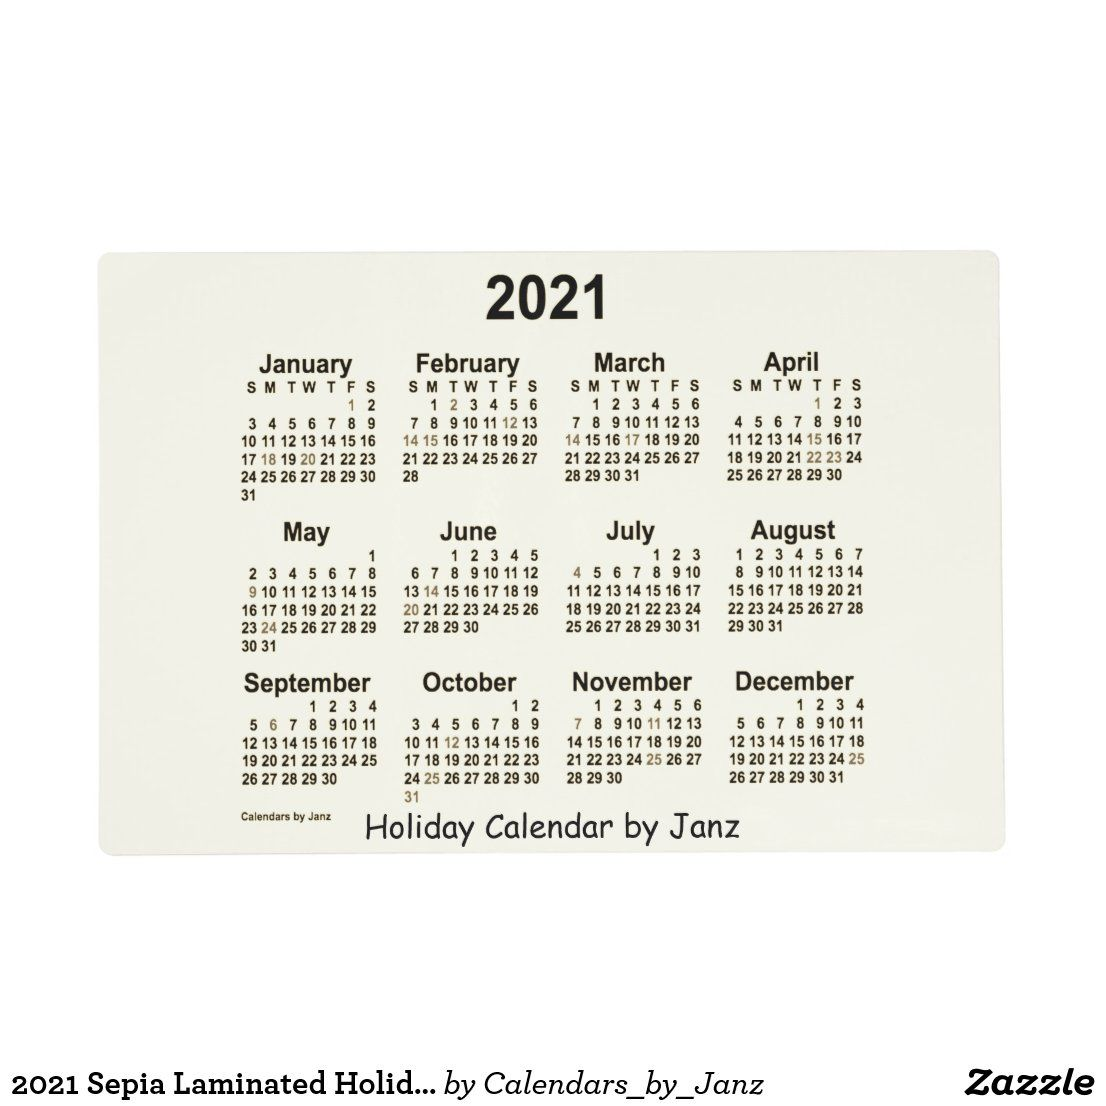 2021 Sepia Laminated Holiday Calendar By Janz Placemat Zazzle Com In 2020 Custom Calendar Calendar Design Holiday Calendar